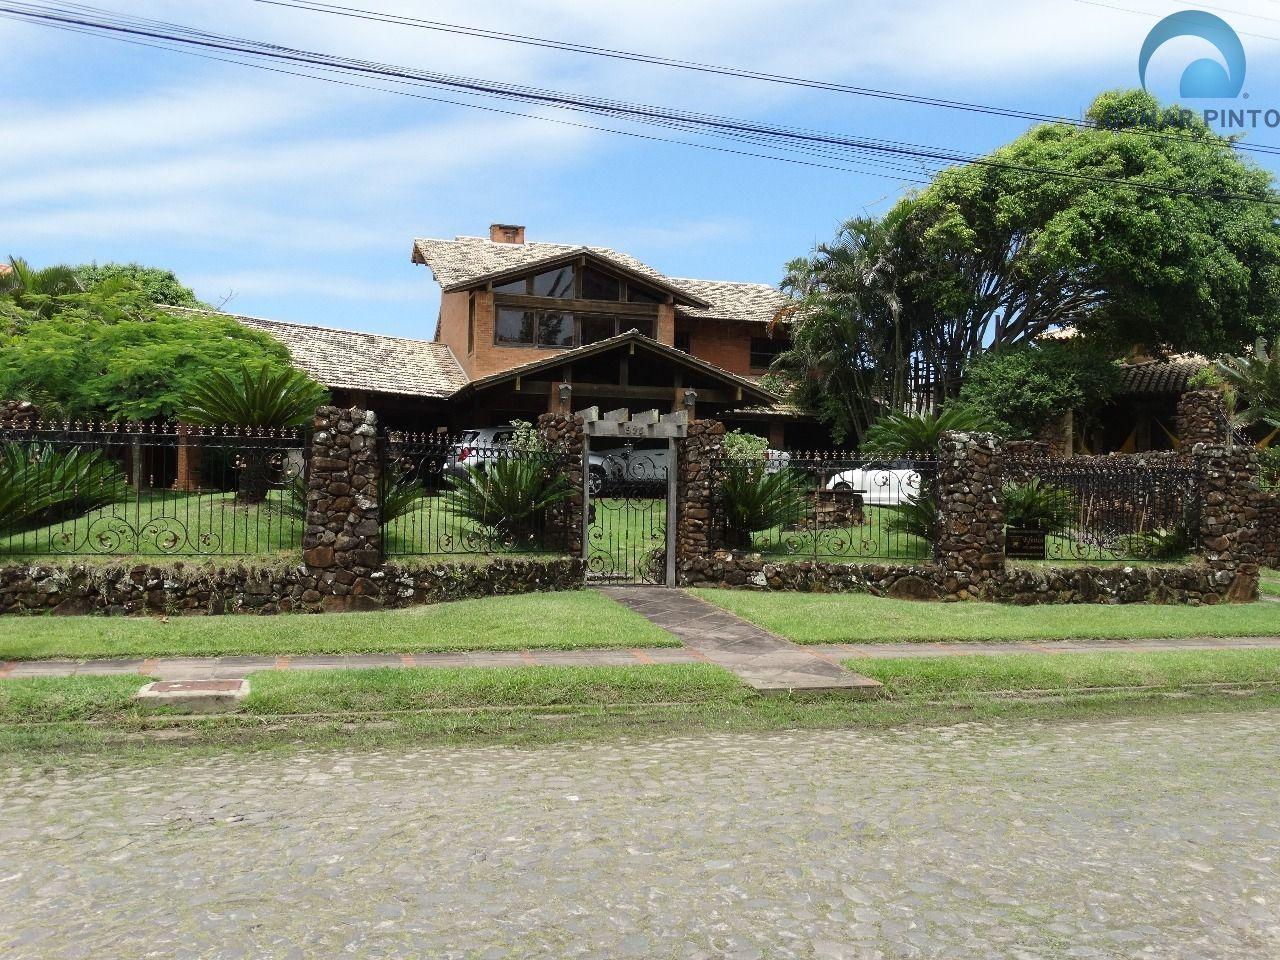 Casa 5 dormitórios em Torres, no bairro Praia Grande